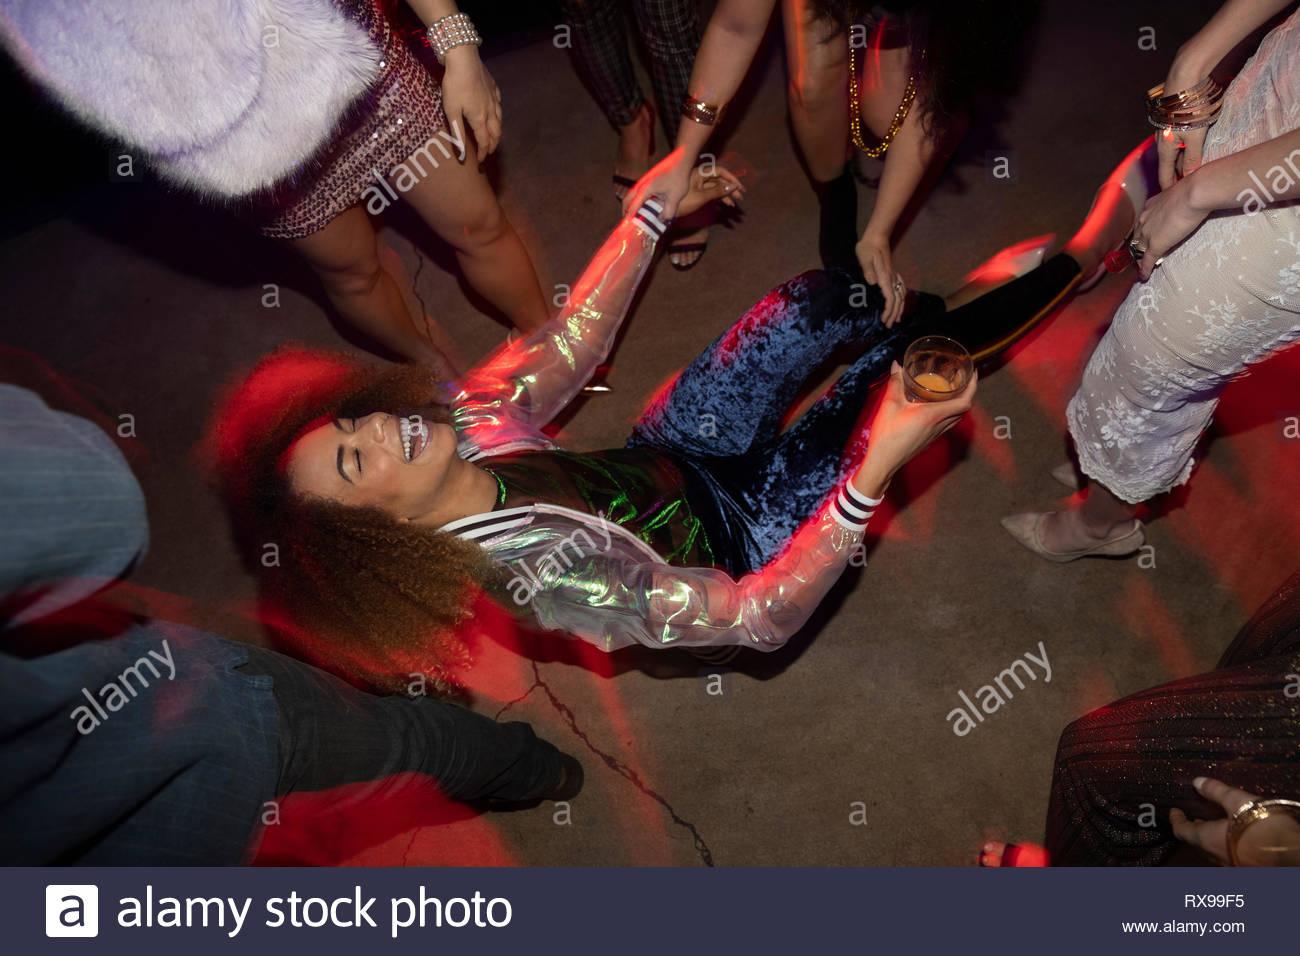 Lachende junge Frau auf der Tanzfläche in der Diskothek Stockbild